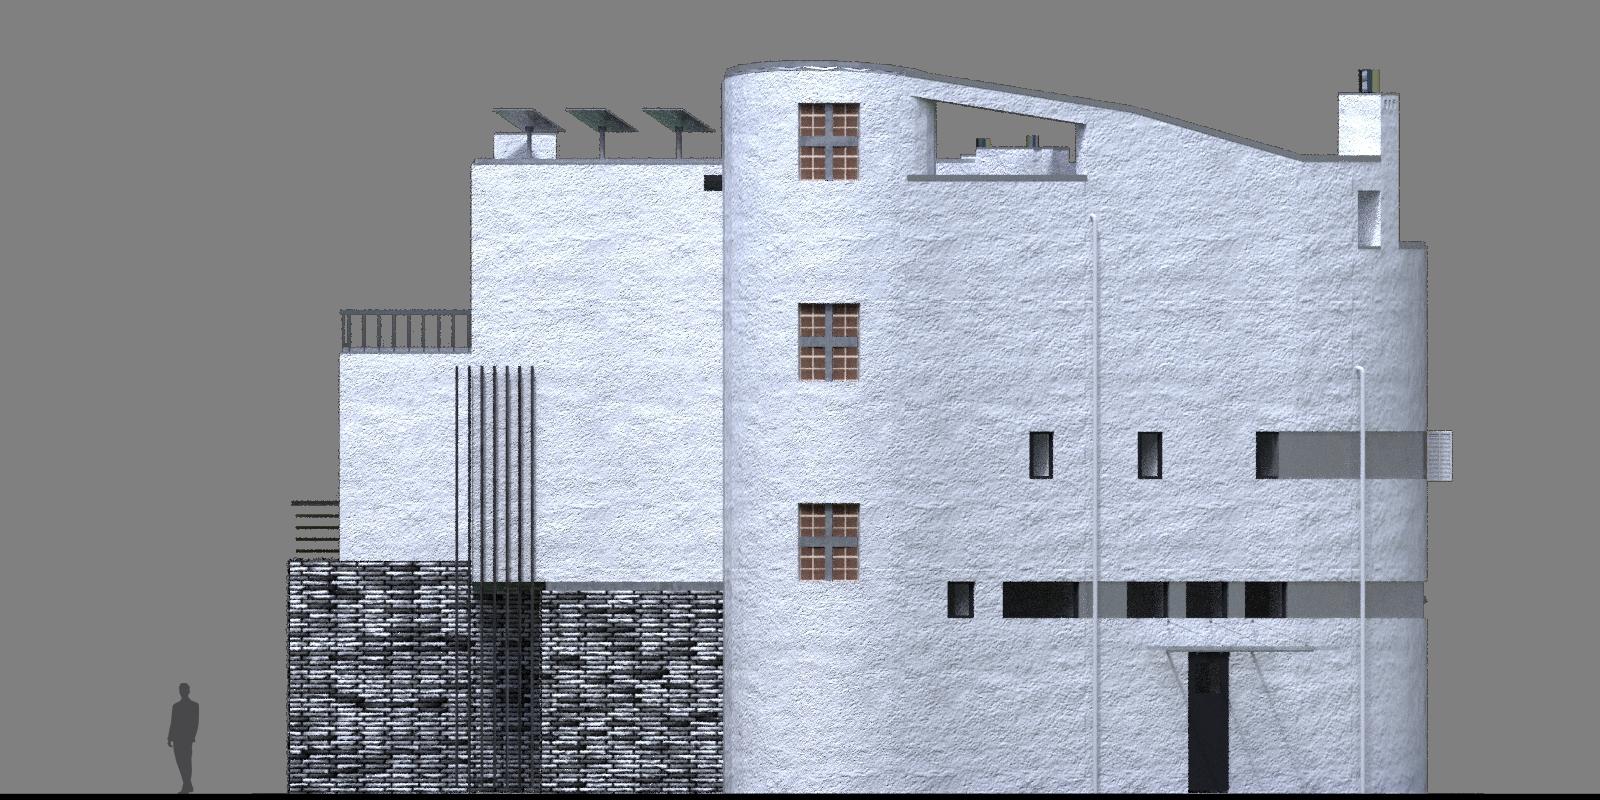 проект дома с плоской кровлей, панорамными окнами и террасами - проект Эбро, фасад